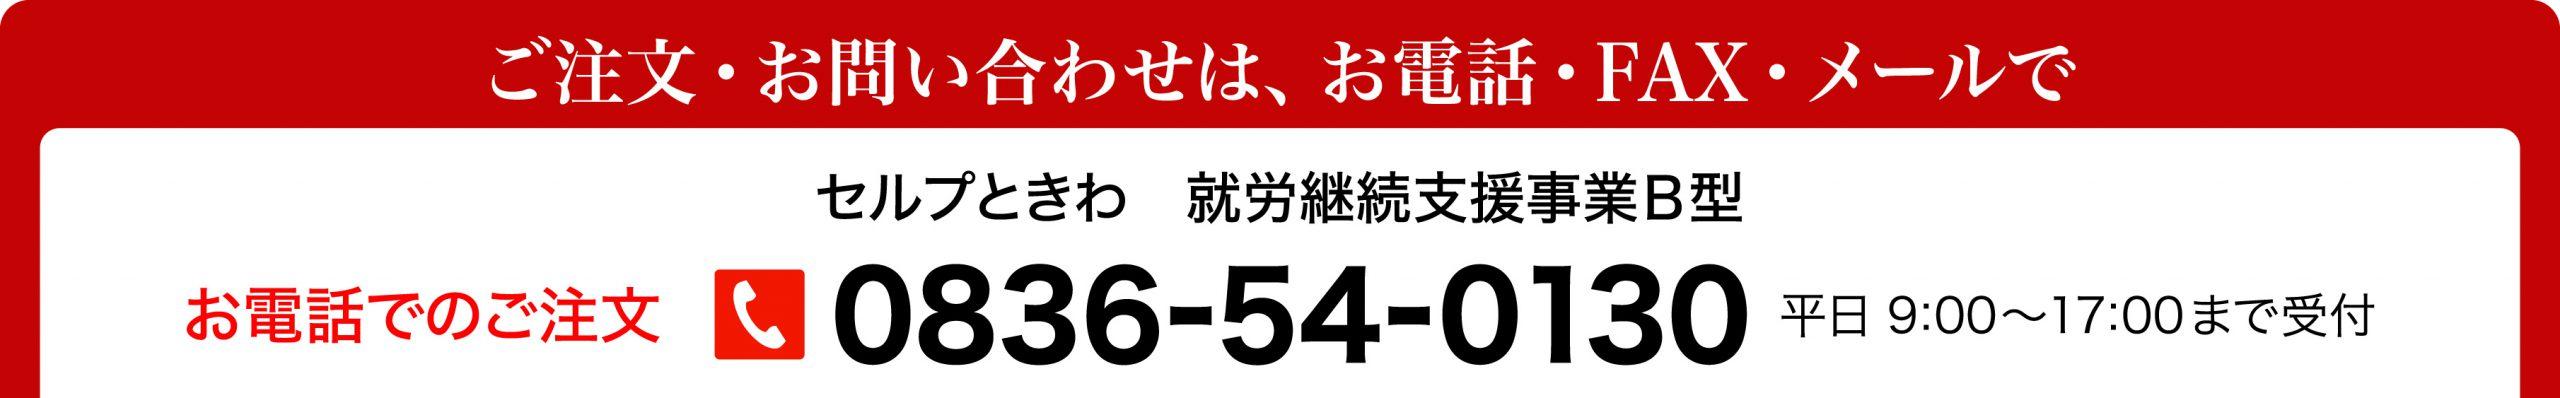 セルプ ときわ電話問い合わせ0836-54-0130